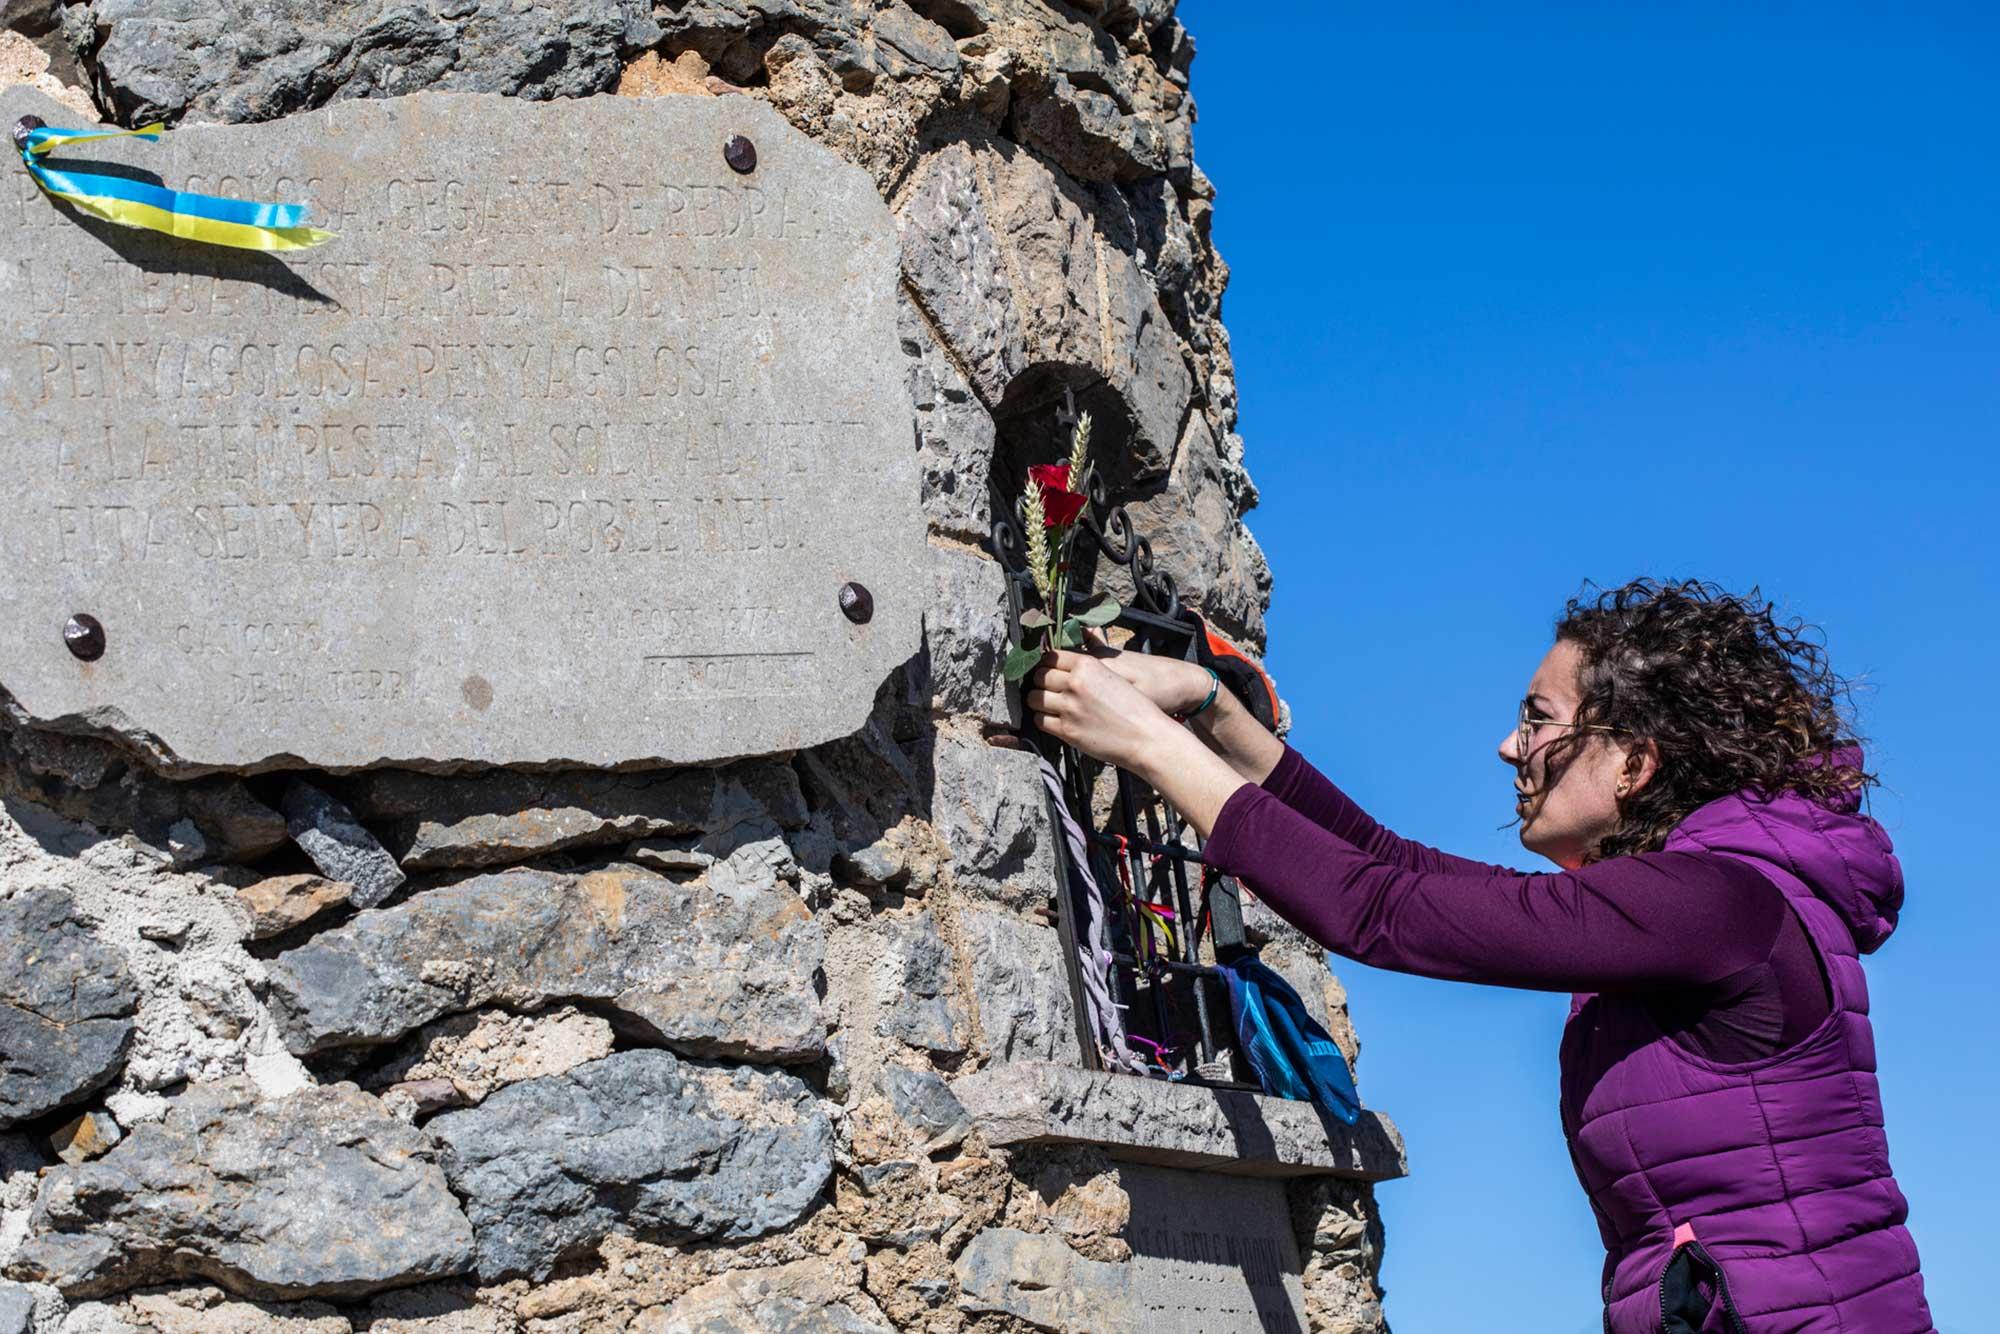 En la cima, una montañera hace una ofrenda al Gigante de Piedra.